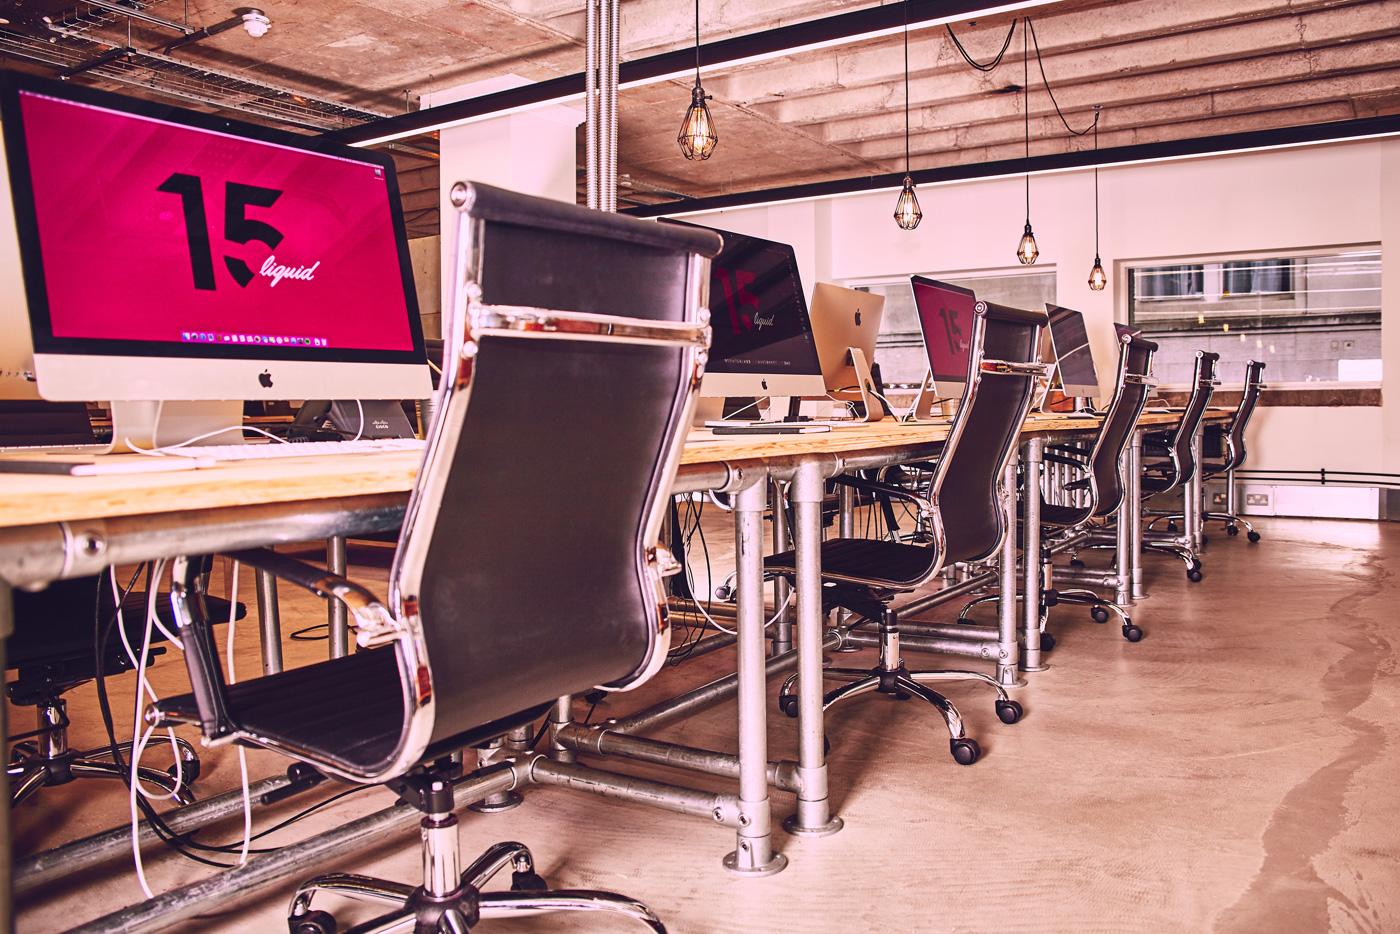 Liquid Rebrand - Interior Design